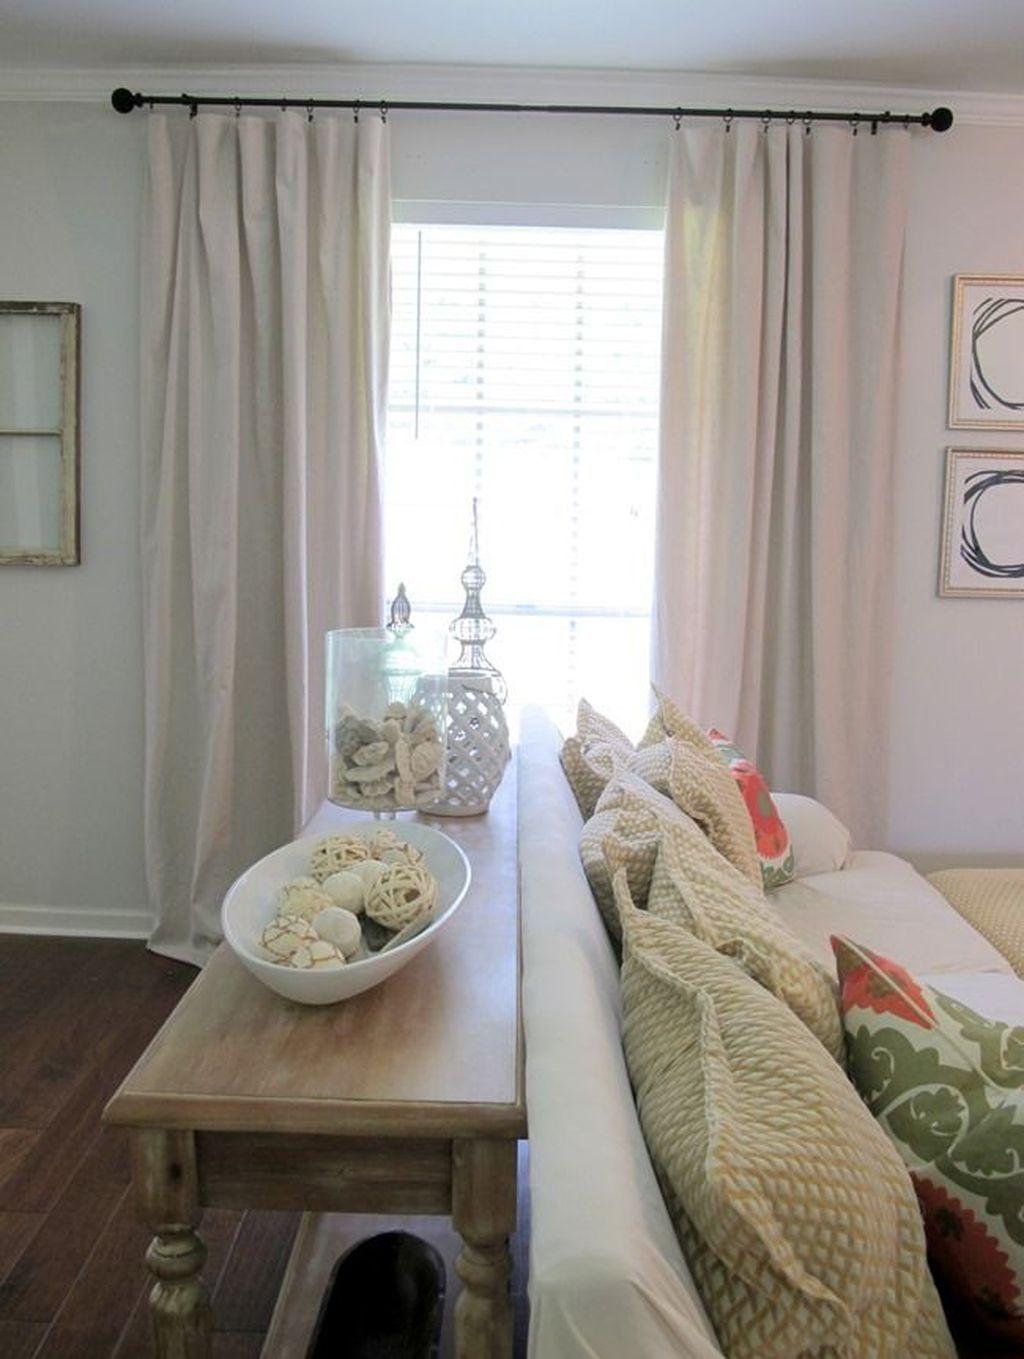 30 Lovely Farmhouse Living Room Curtains Ideas Curtains Living Room Farm House Living Room Family Room Curtains